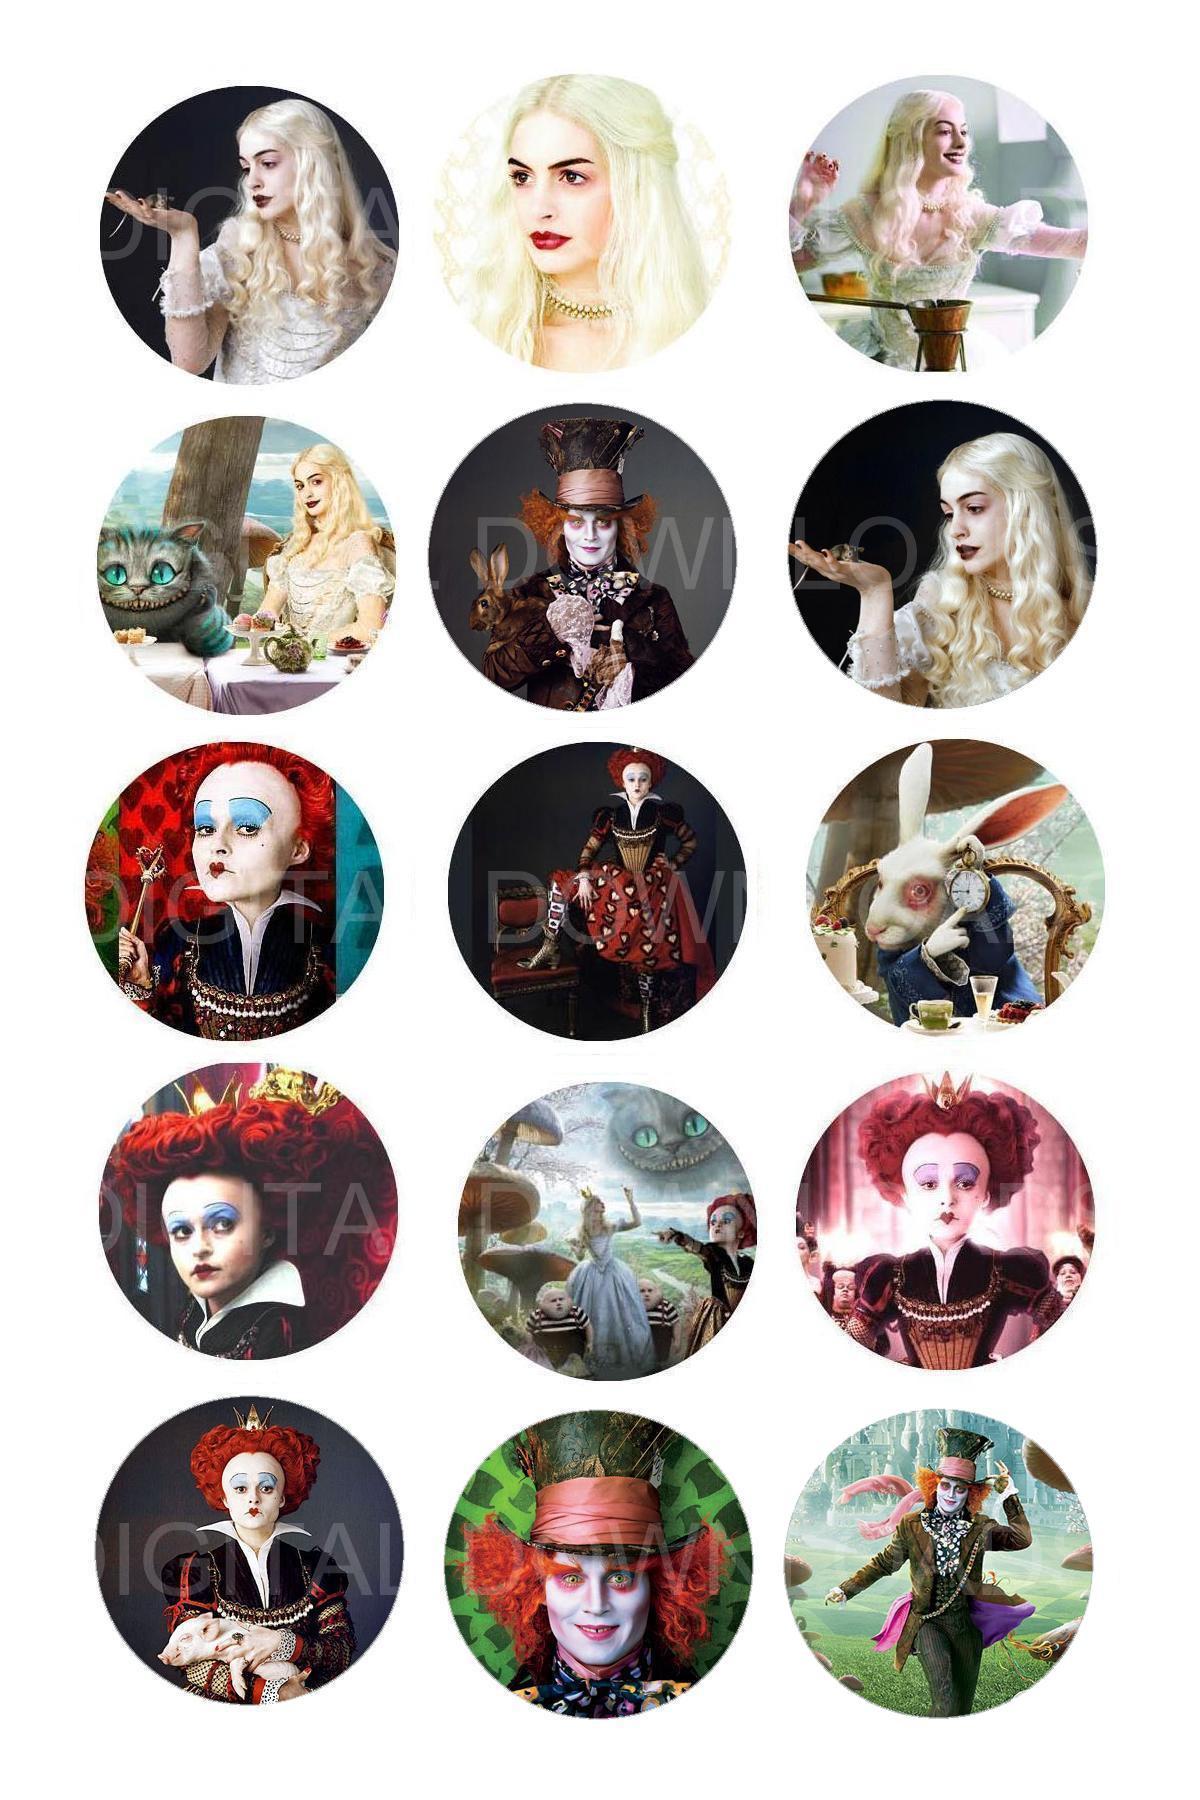 Alice in wonderland bottle cap 1 circle digital download for Bottle cap designs